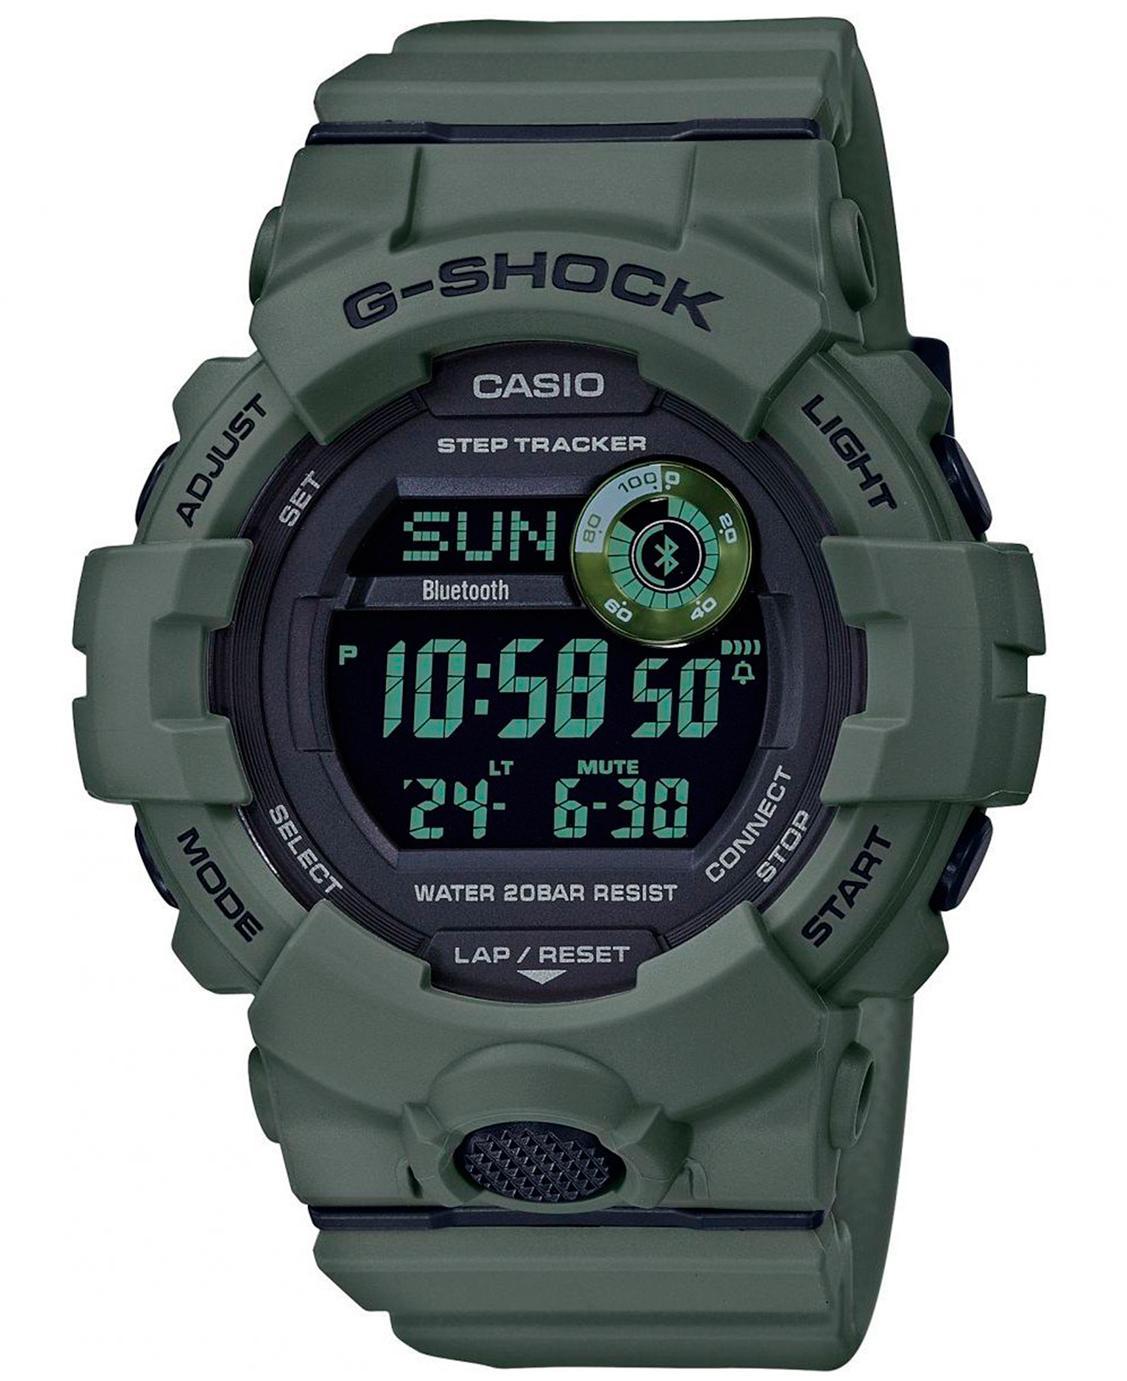 CASIO G-Shock GBD-800UC-3ER - Klokke - Olivengrønn